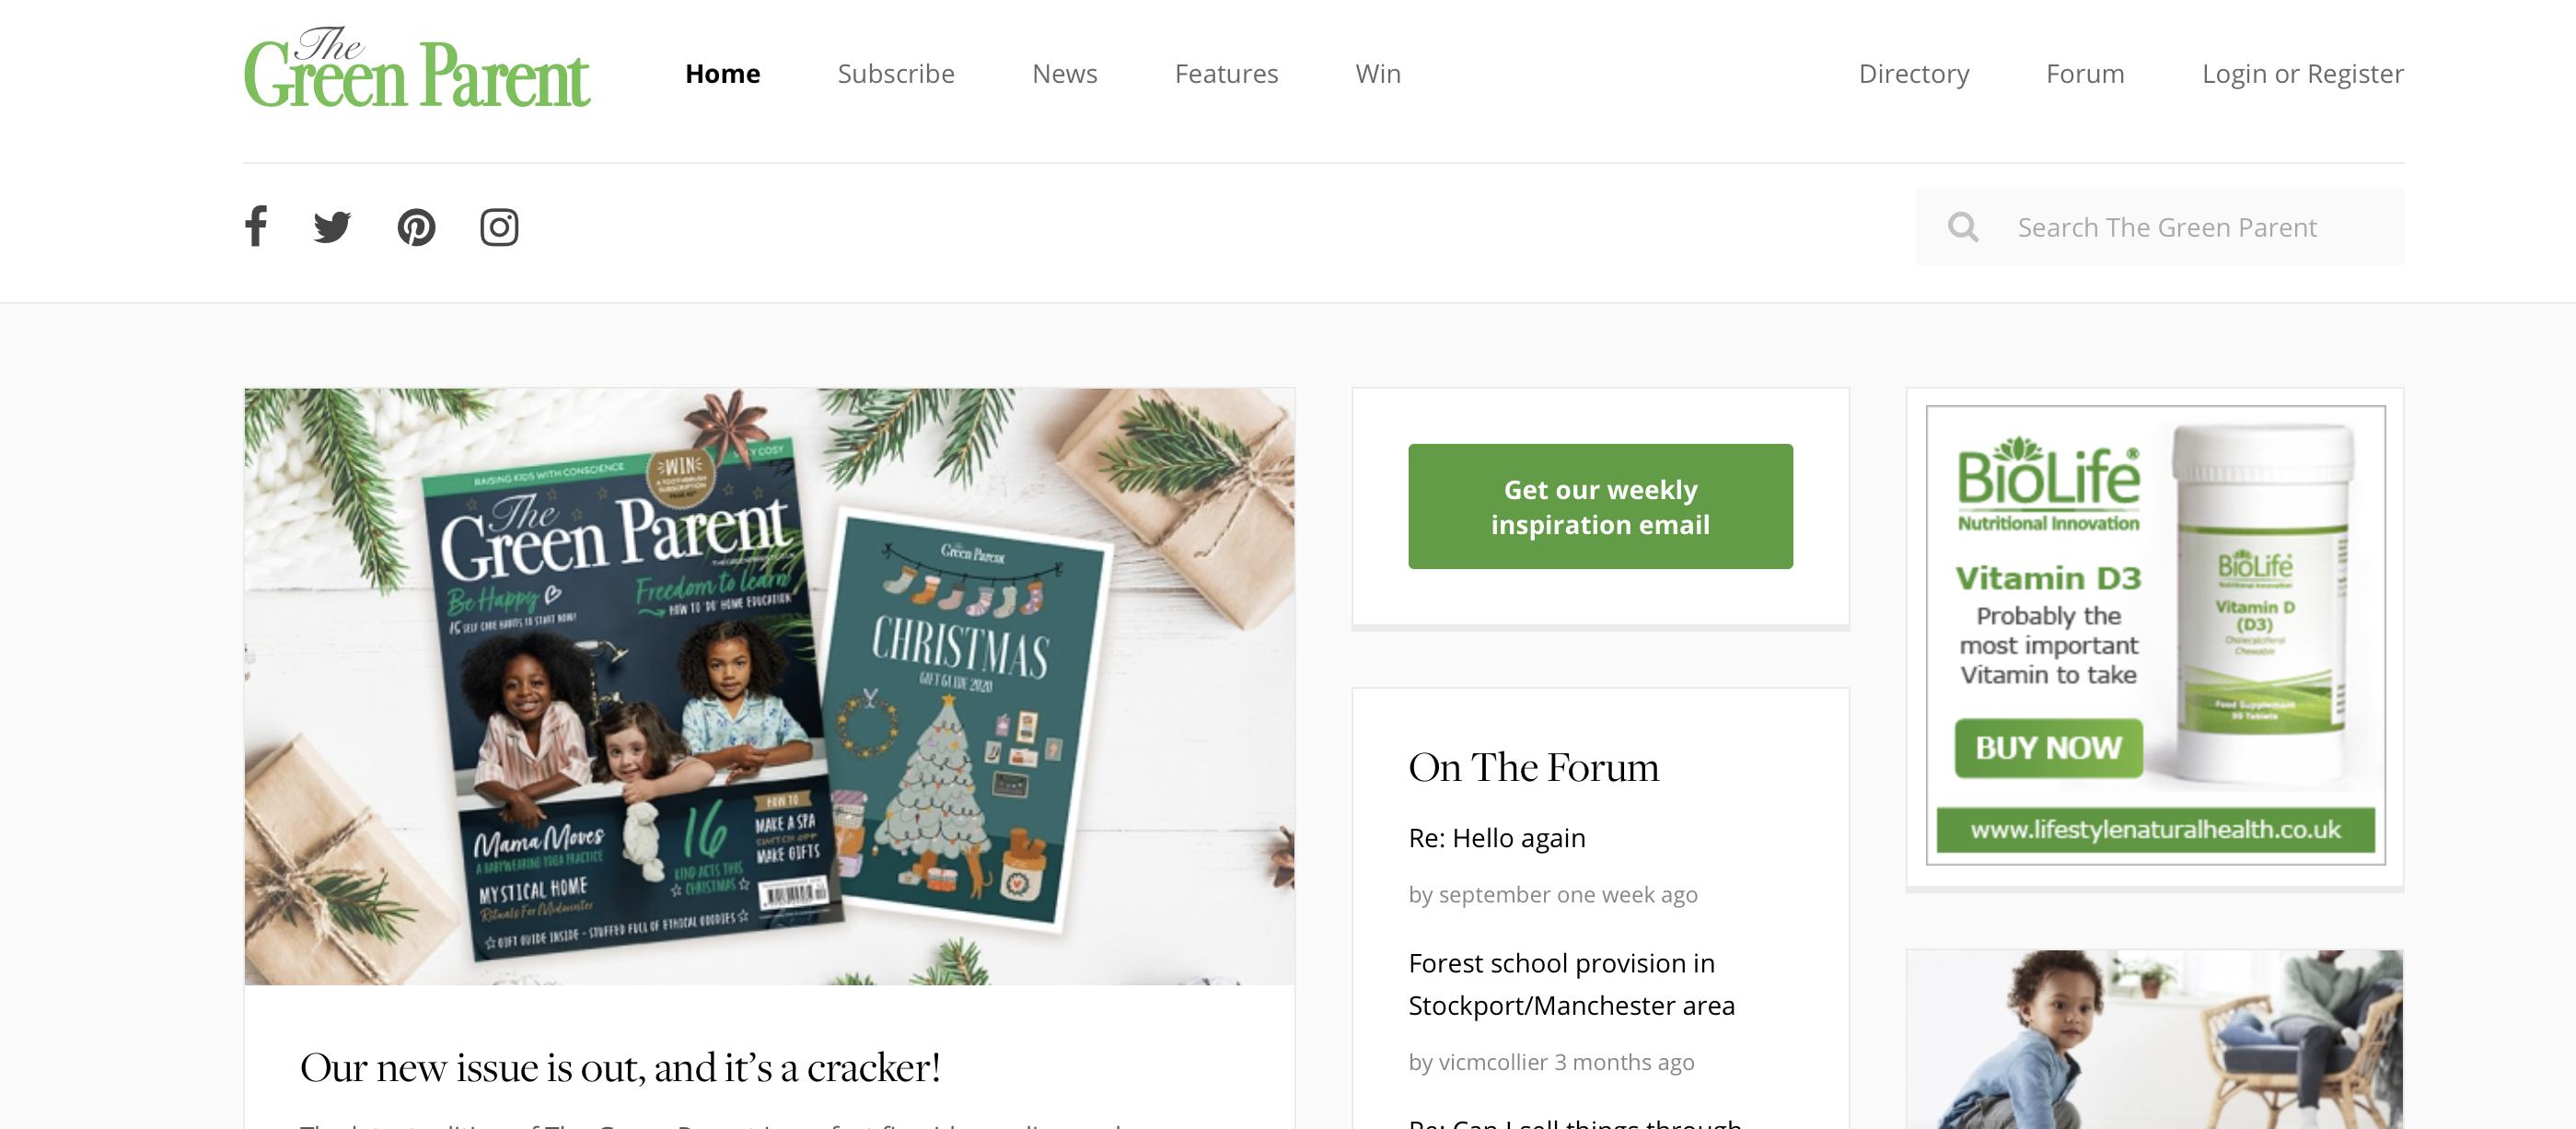 green parent website